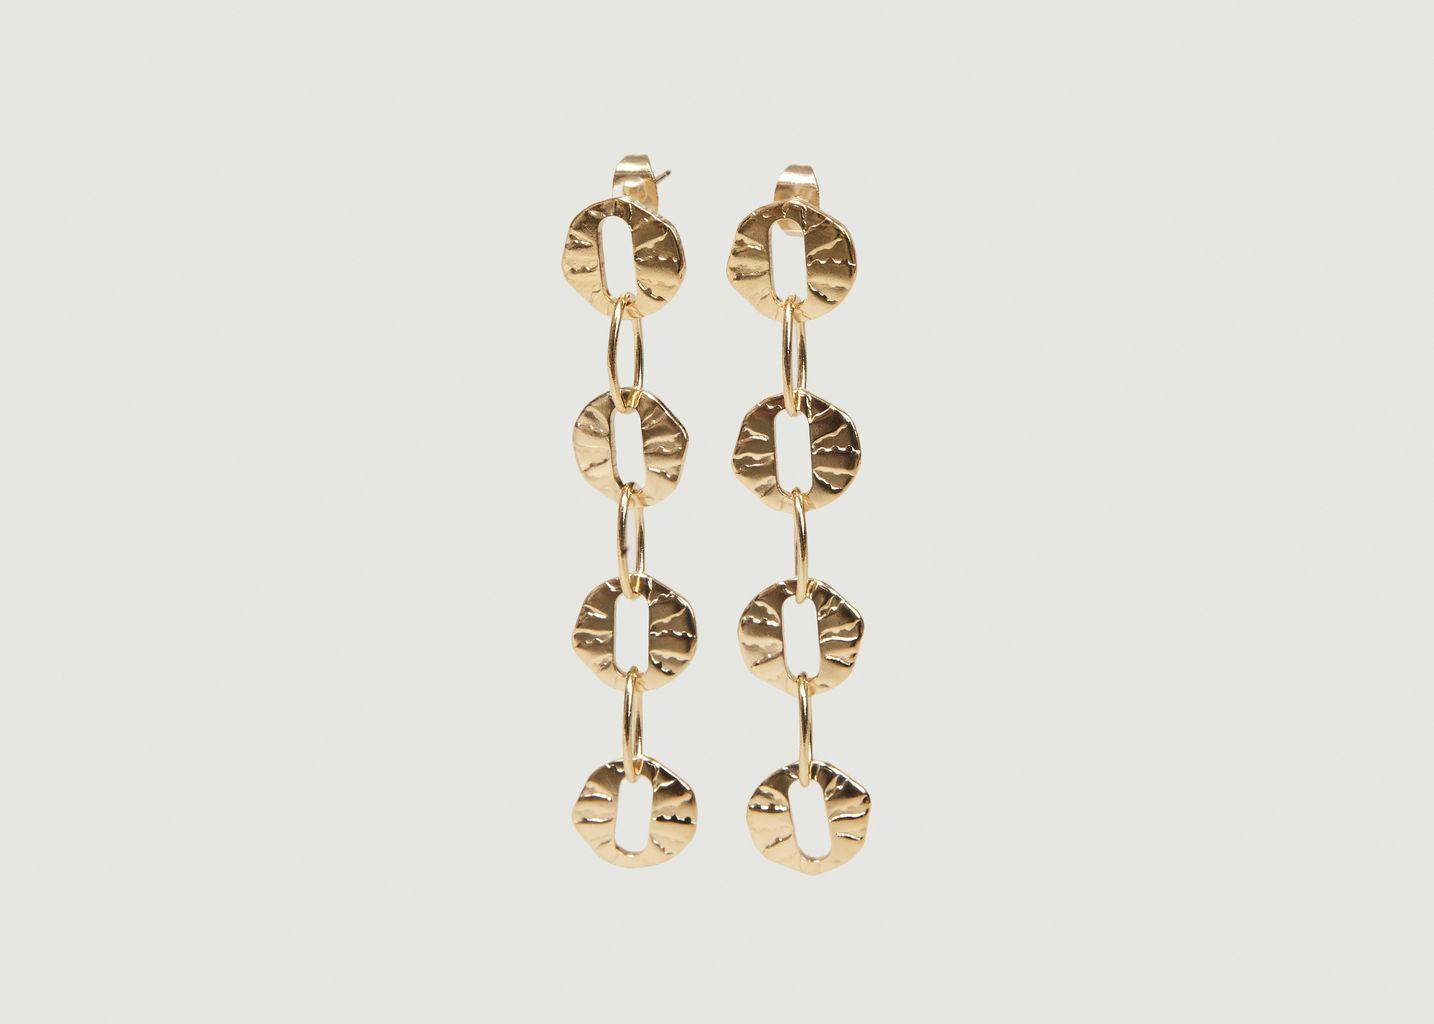 Boucles d'Oreilles Sparte - Medecine Douce